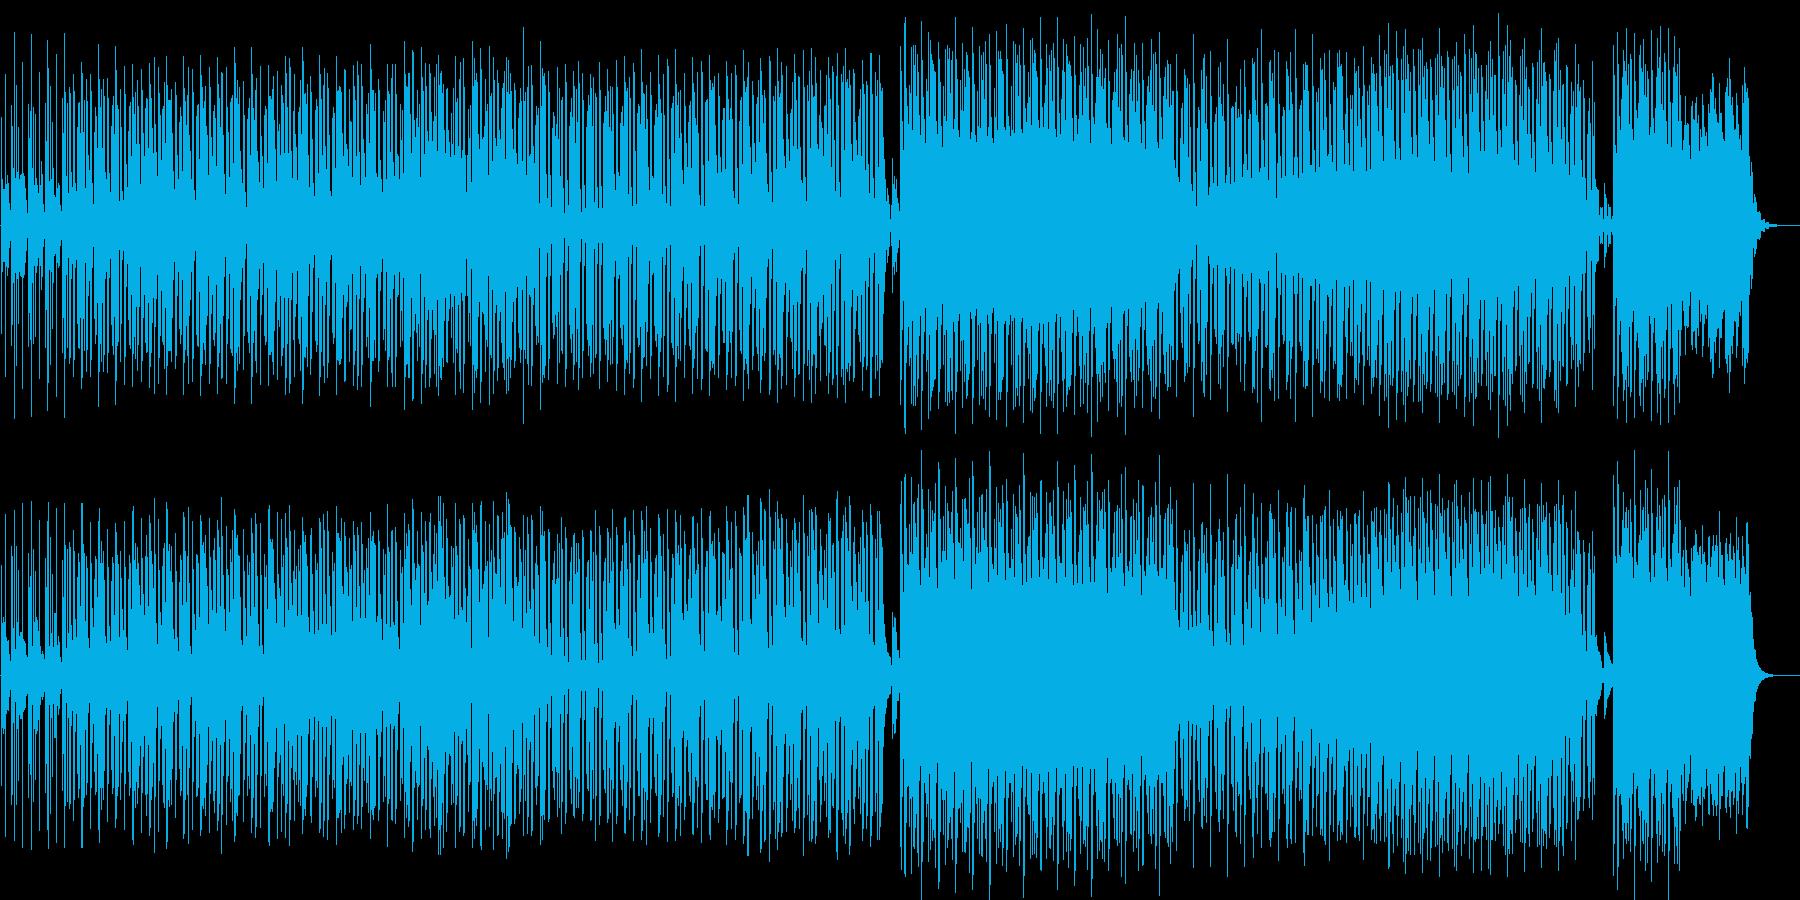 楽しくなるようなテクノの再生済みの波形